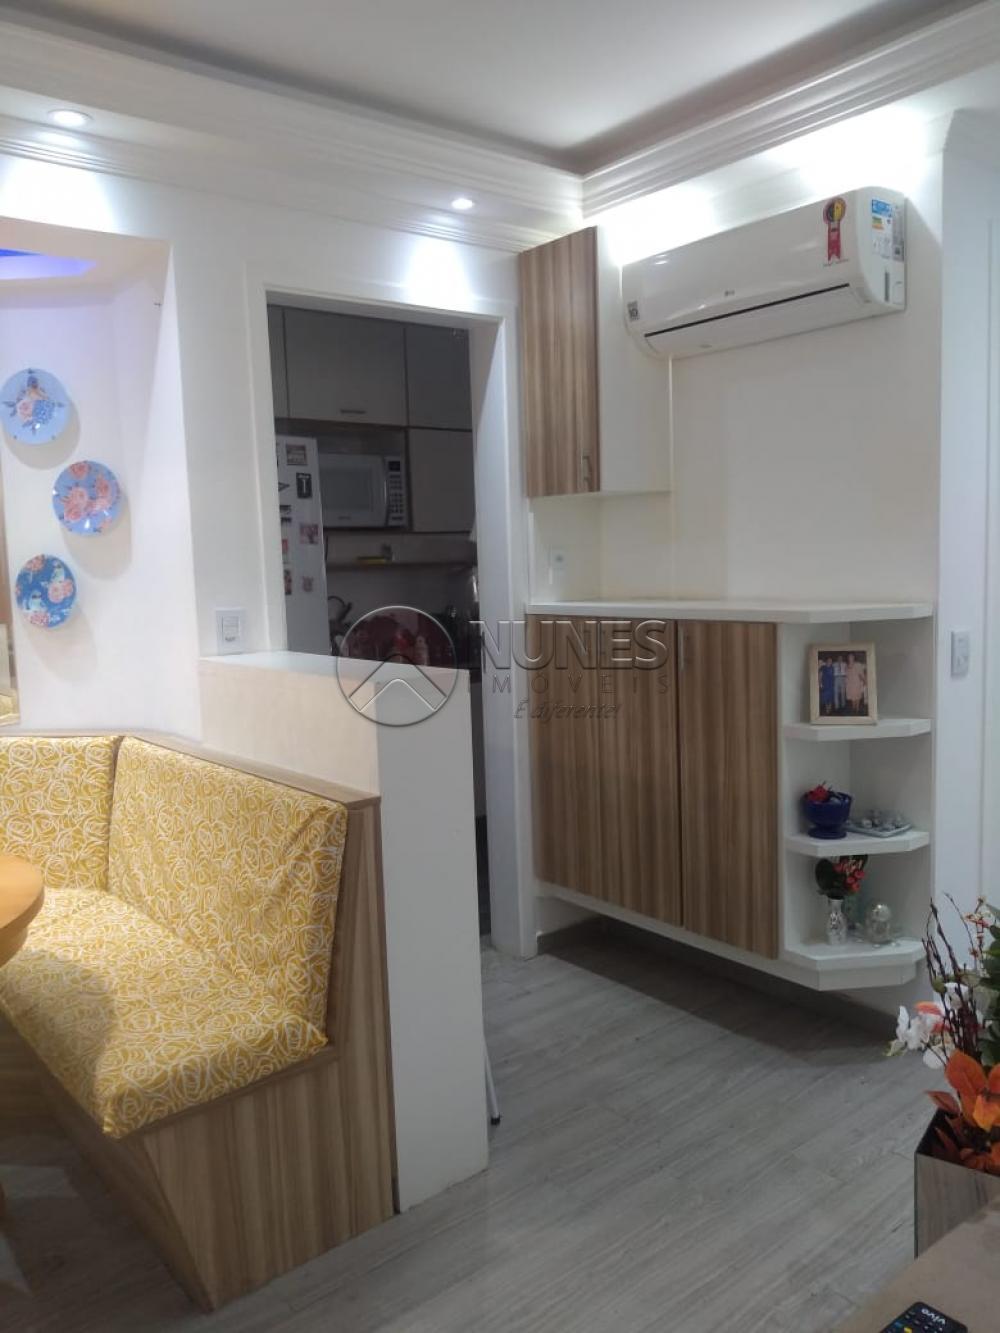 Alugar Apartamento / Padrão em São Paulo apenas R$ 4.900,00 - Foto 5